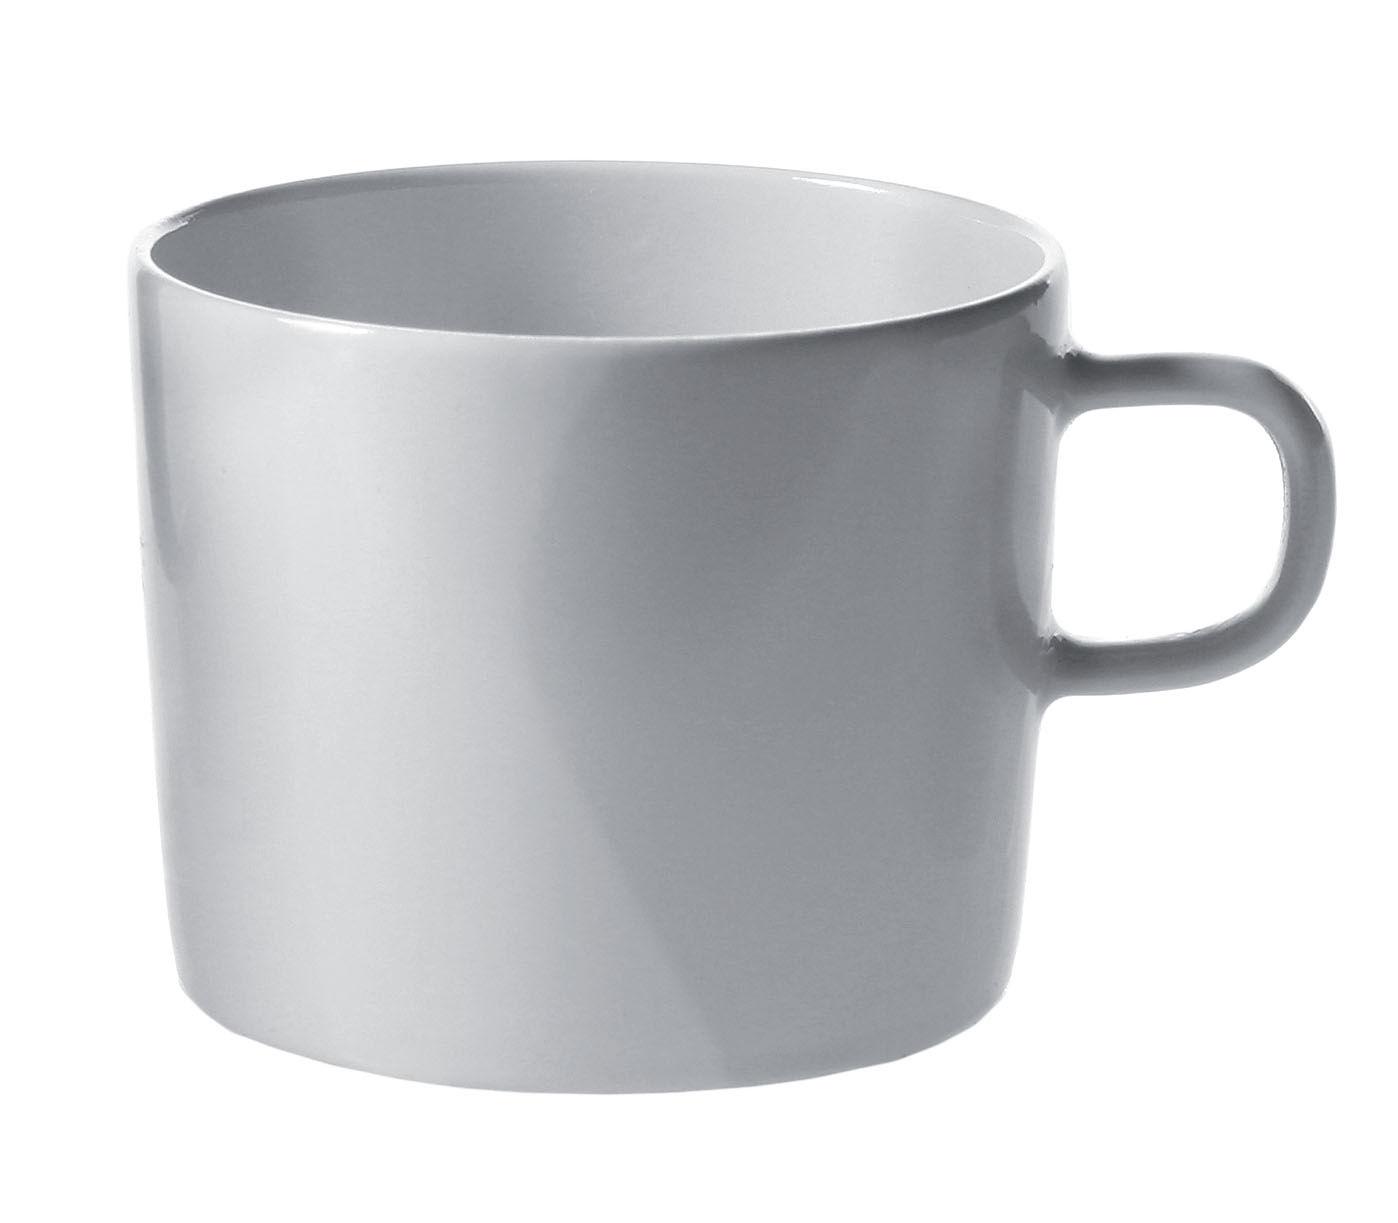 Tischkultur - Tassen und Becher - Platebowlcup Kaffeetasse - A di Alessi - Tasse: Weiß - Porzellan